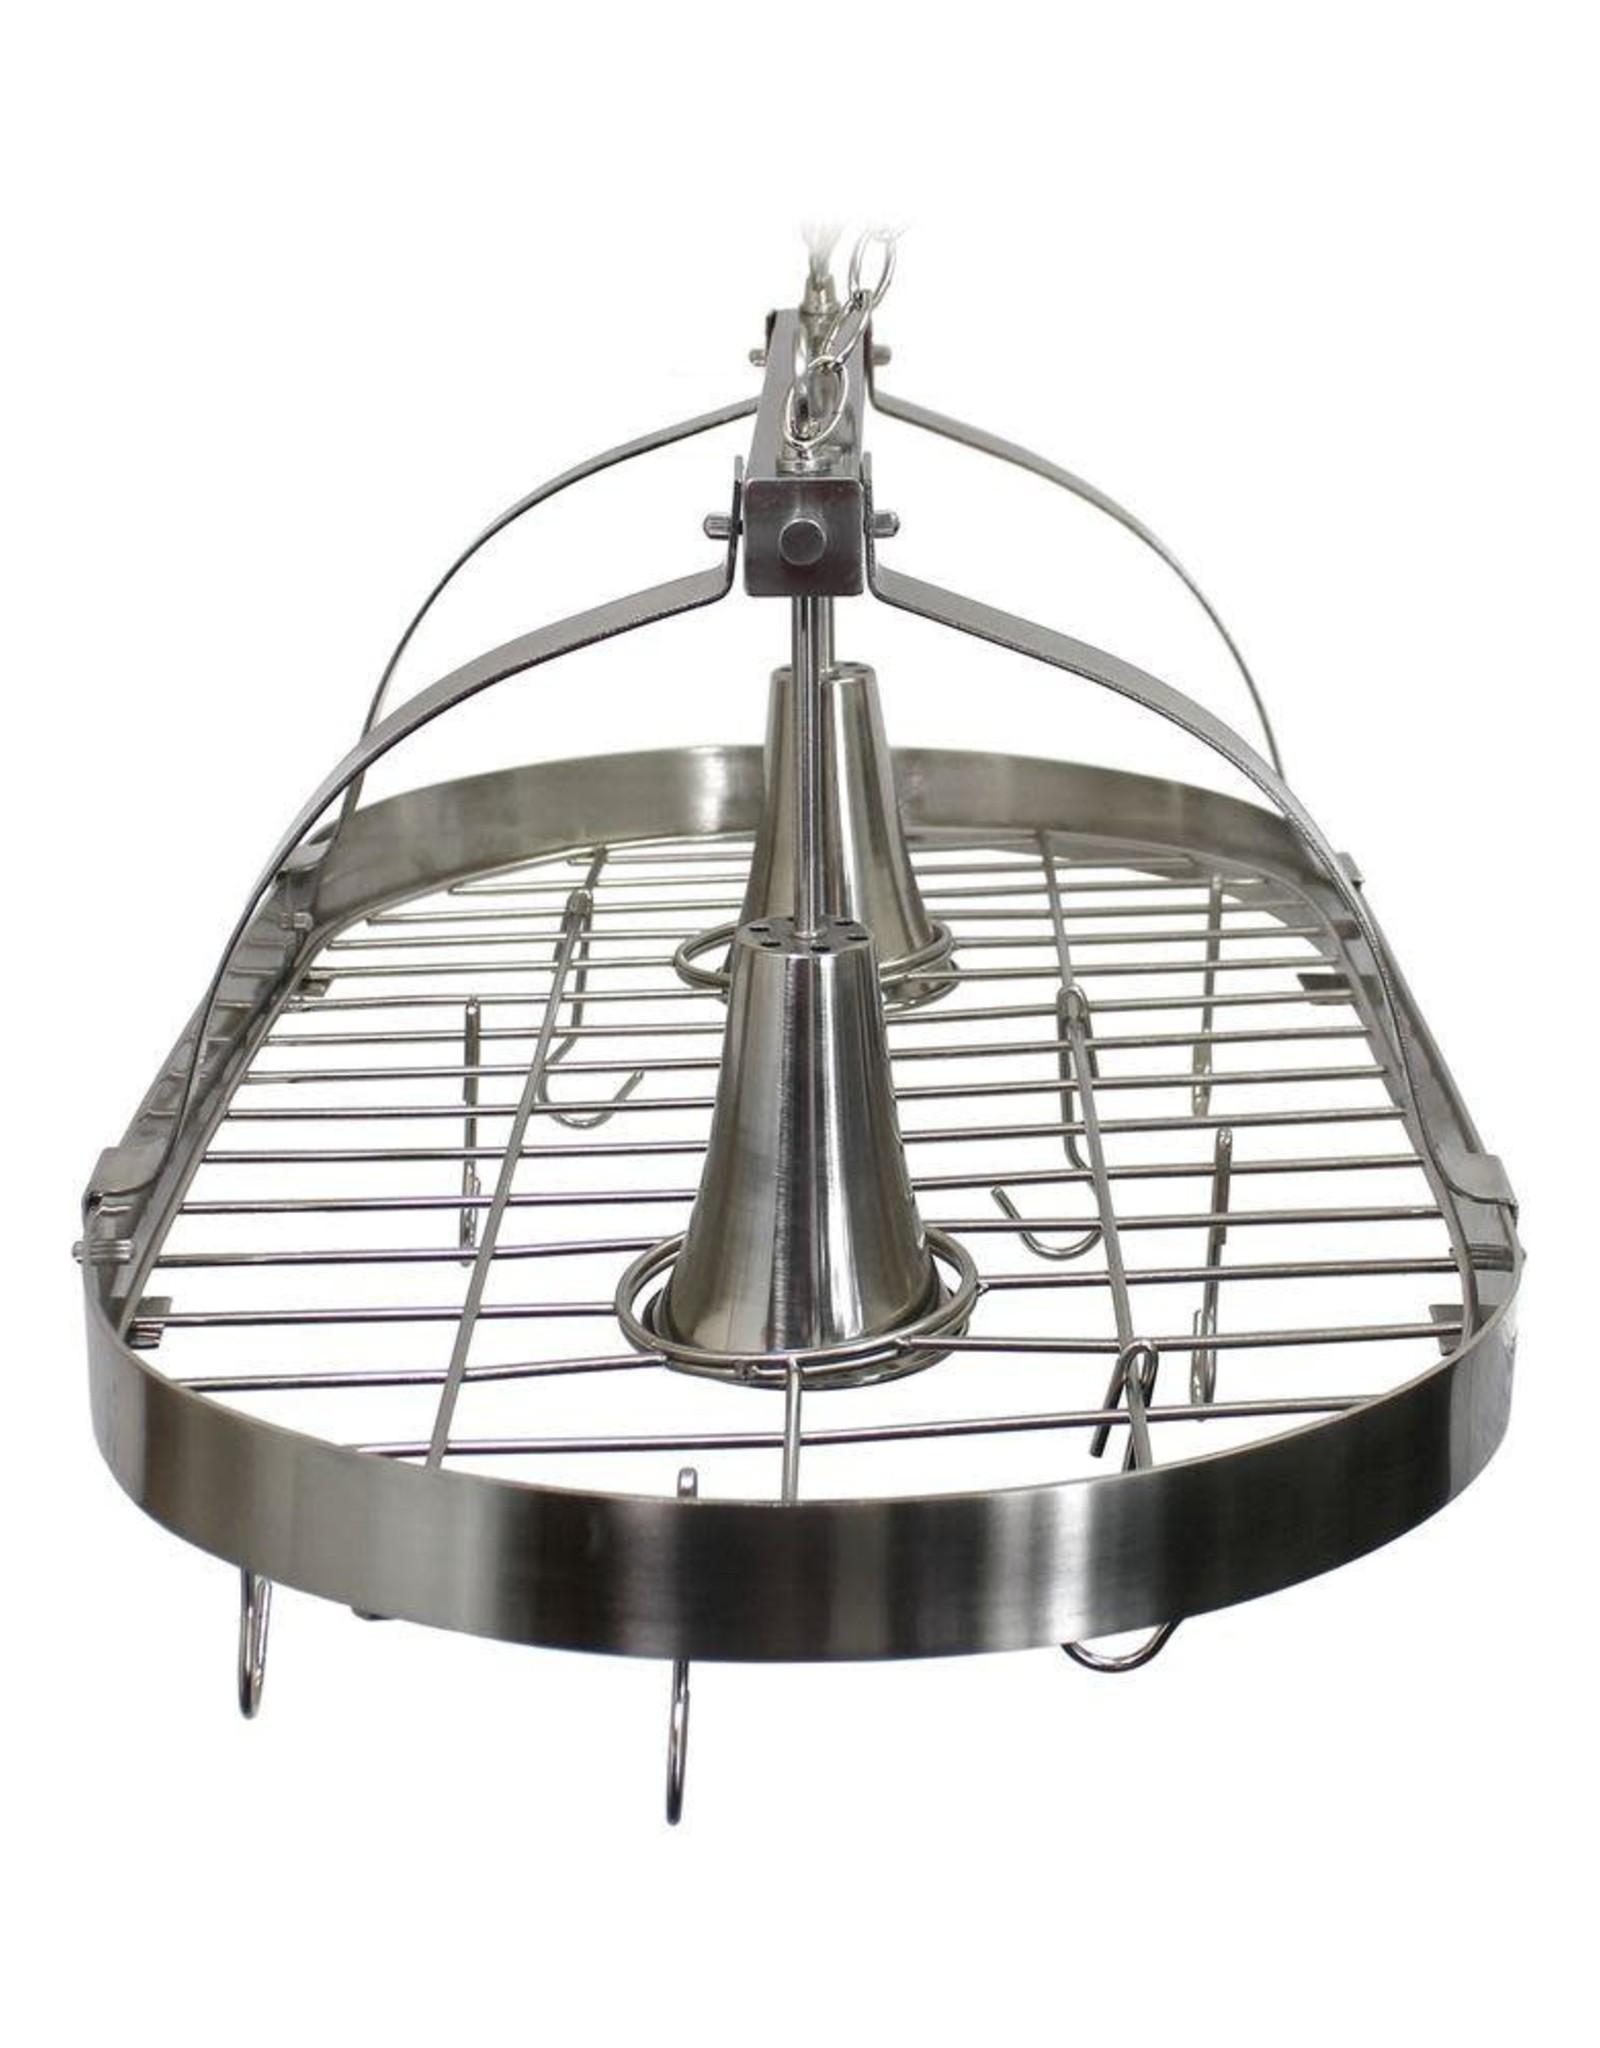 Elegant Designs 2-Light Brushed Nickel Kitchen Pot Rack Light with Hooks